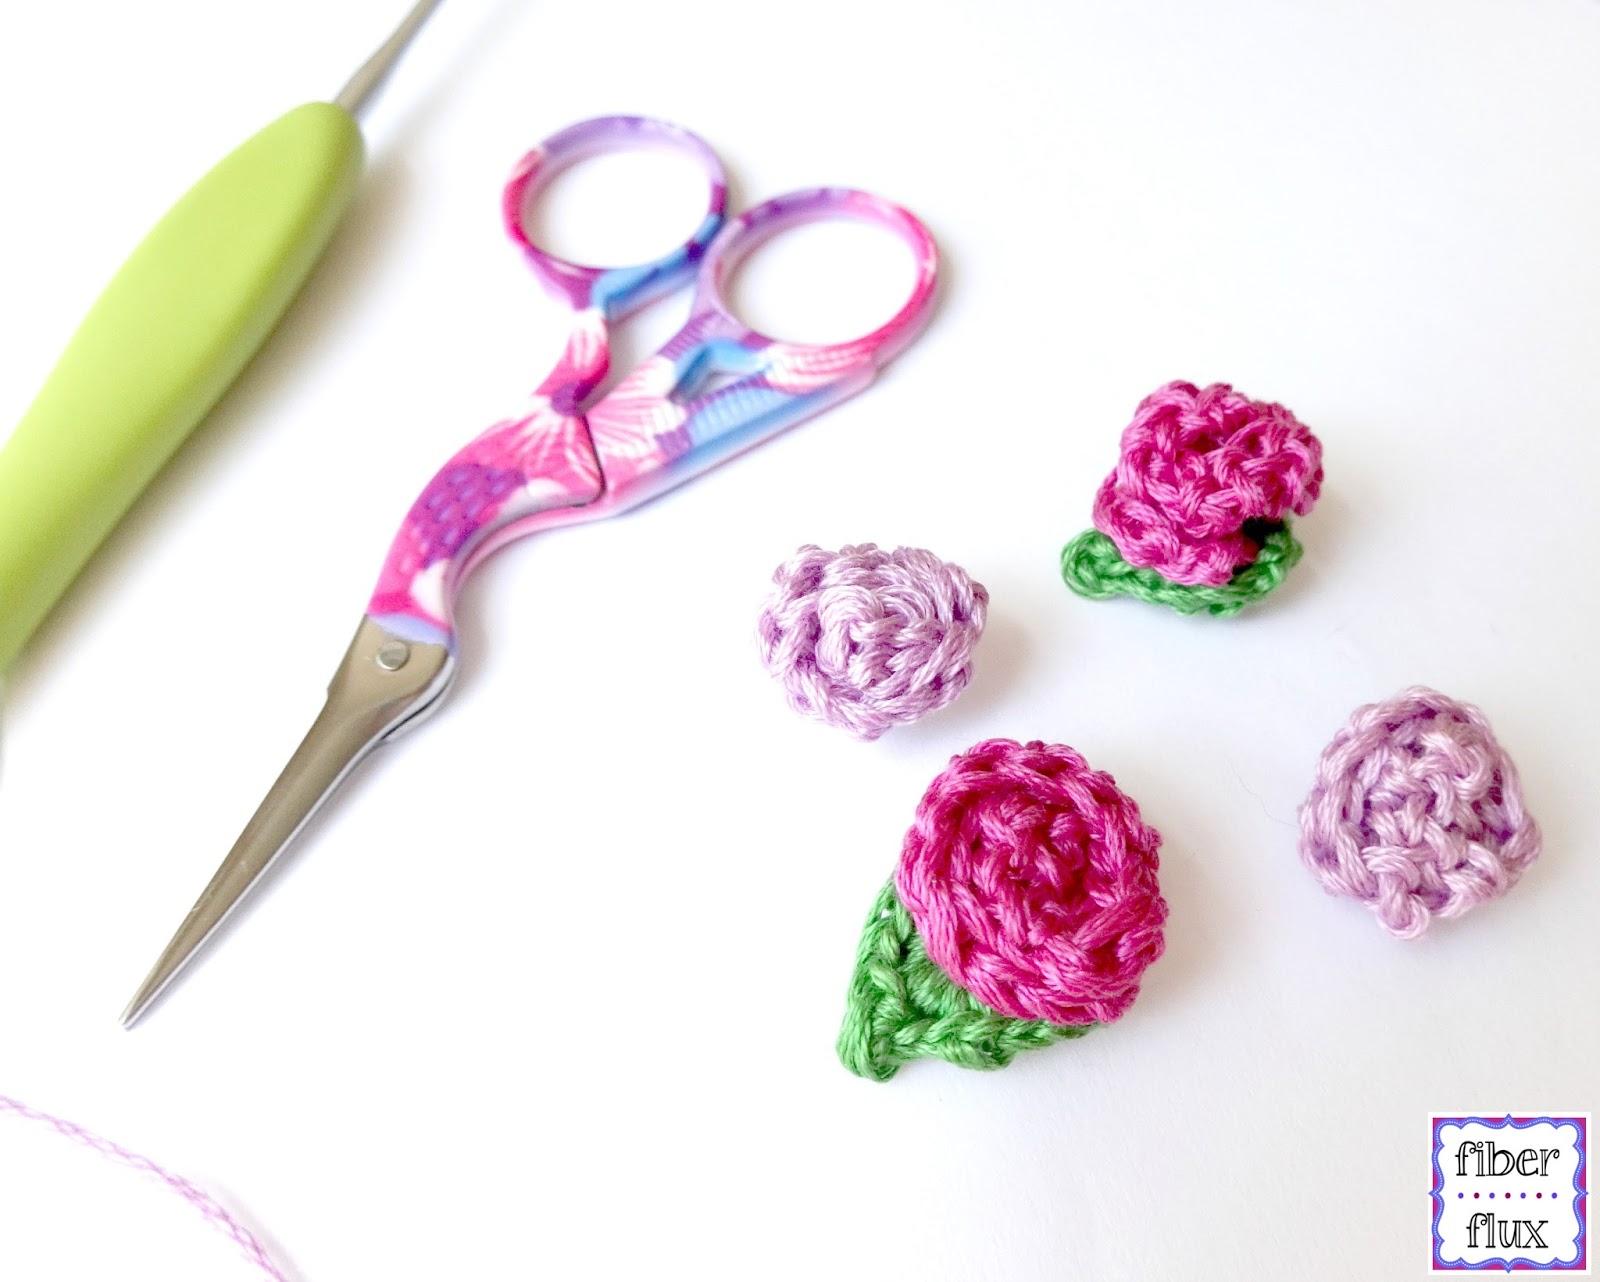 Fiber flux free crochet patternsette earrings free crochet patternsette earrings bankloansurffo Images